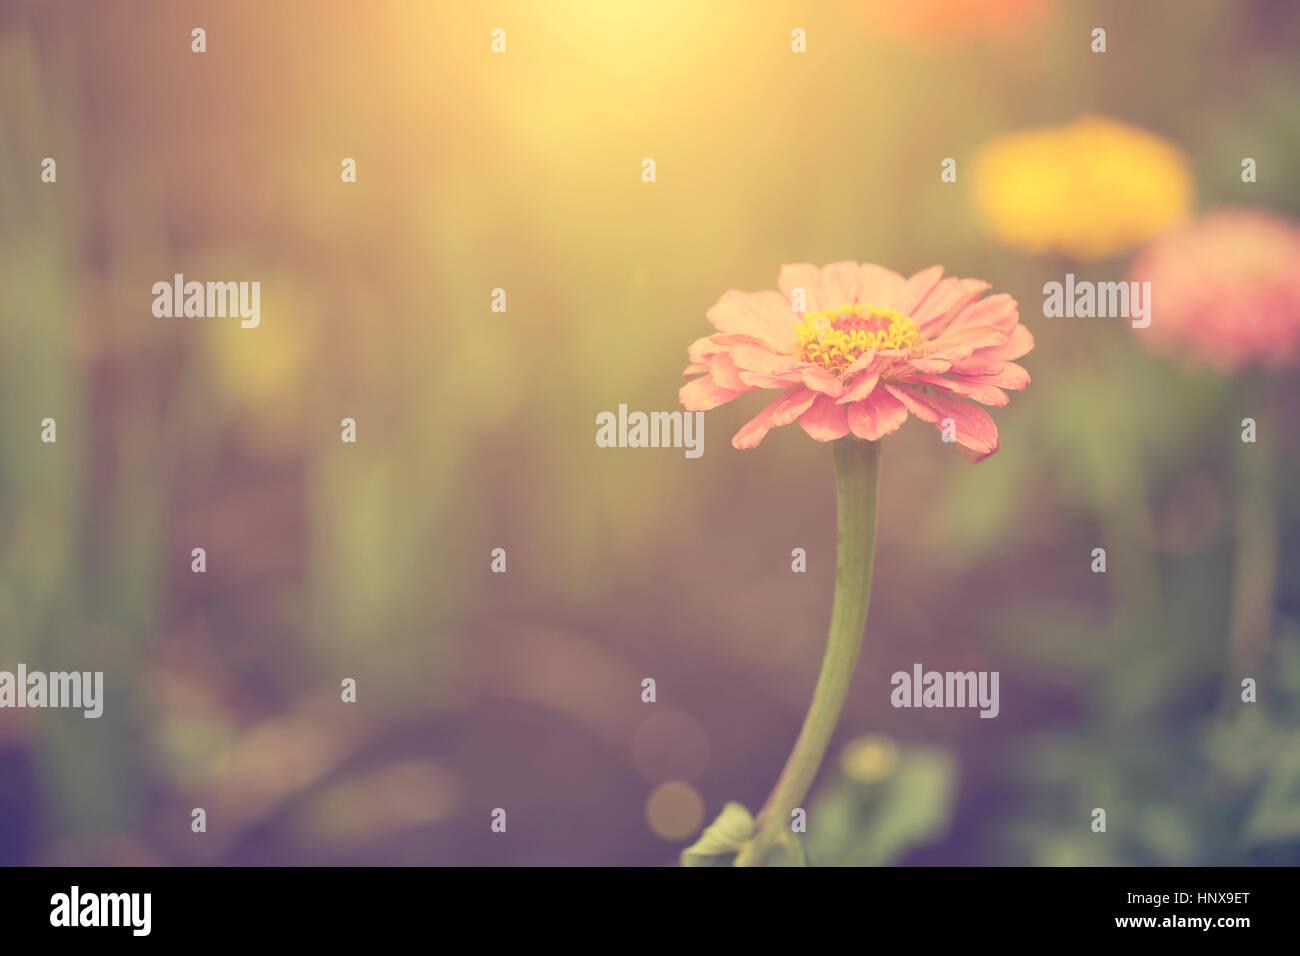 Wildblumen im Sonnenuntergang Stockbild